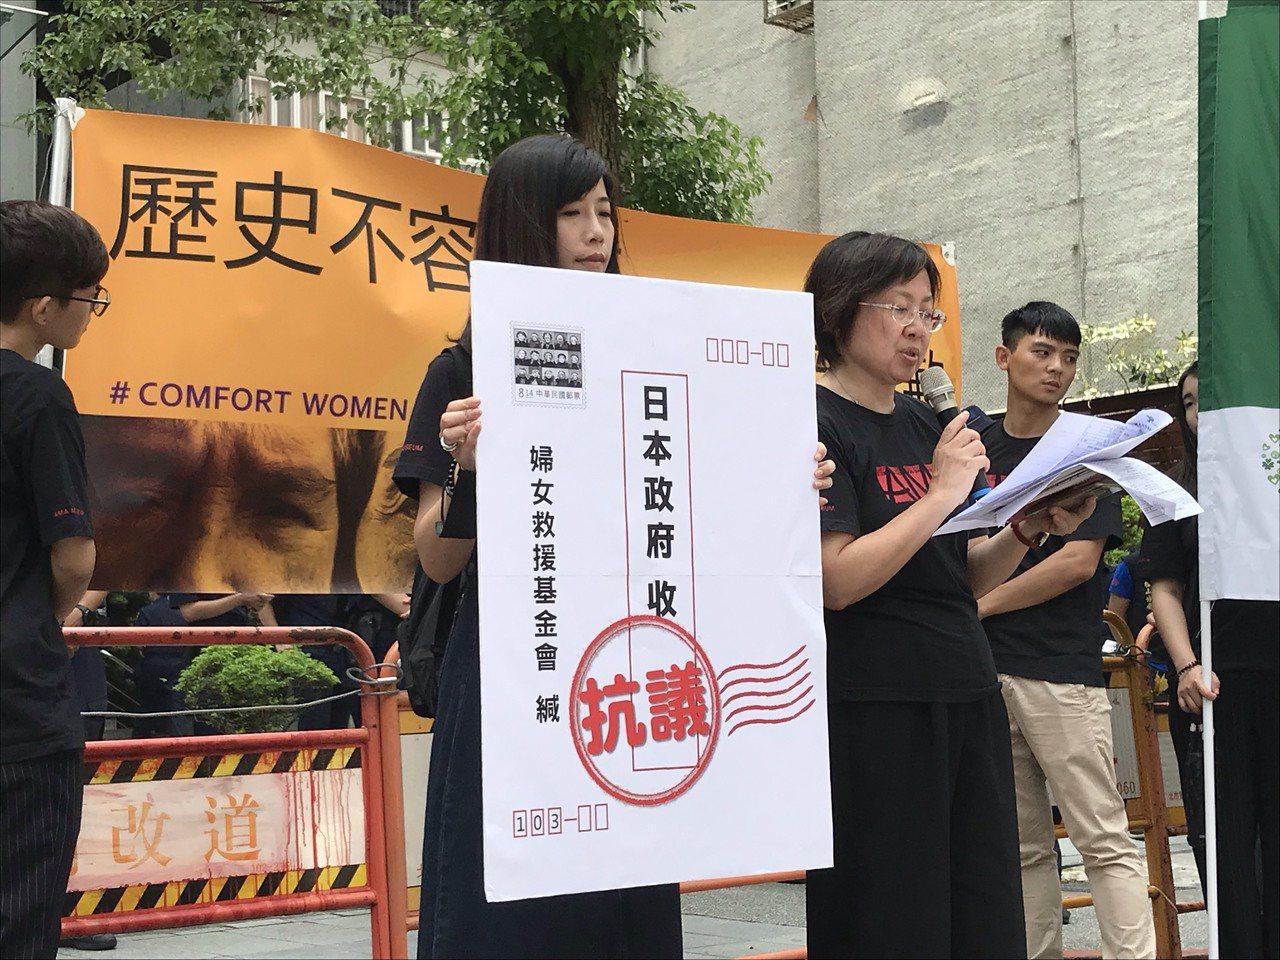 今天是國際慰安婦日,婦援會在日本交流協會抗議日本不對台灣慰安婦道歉。 記者潘乃欣...